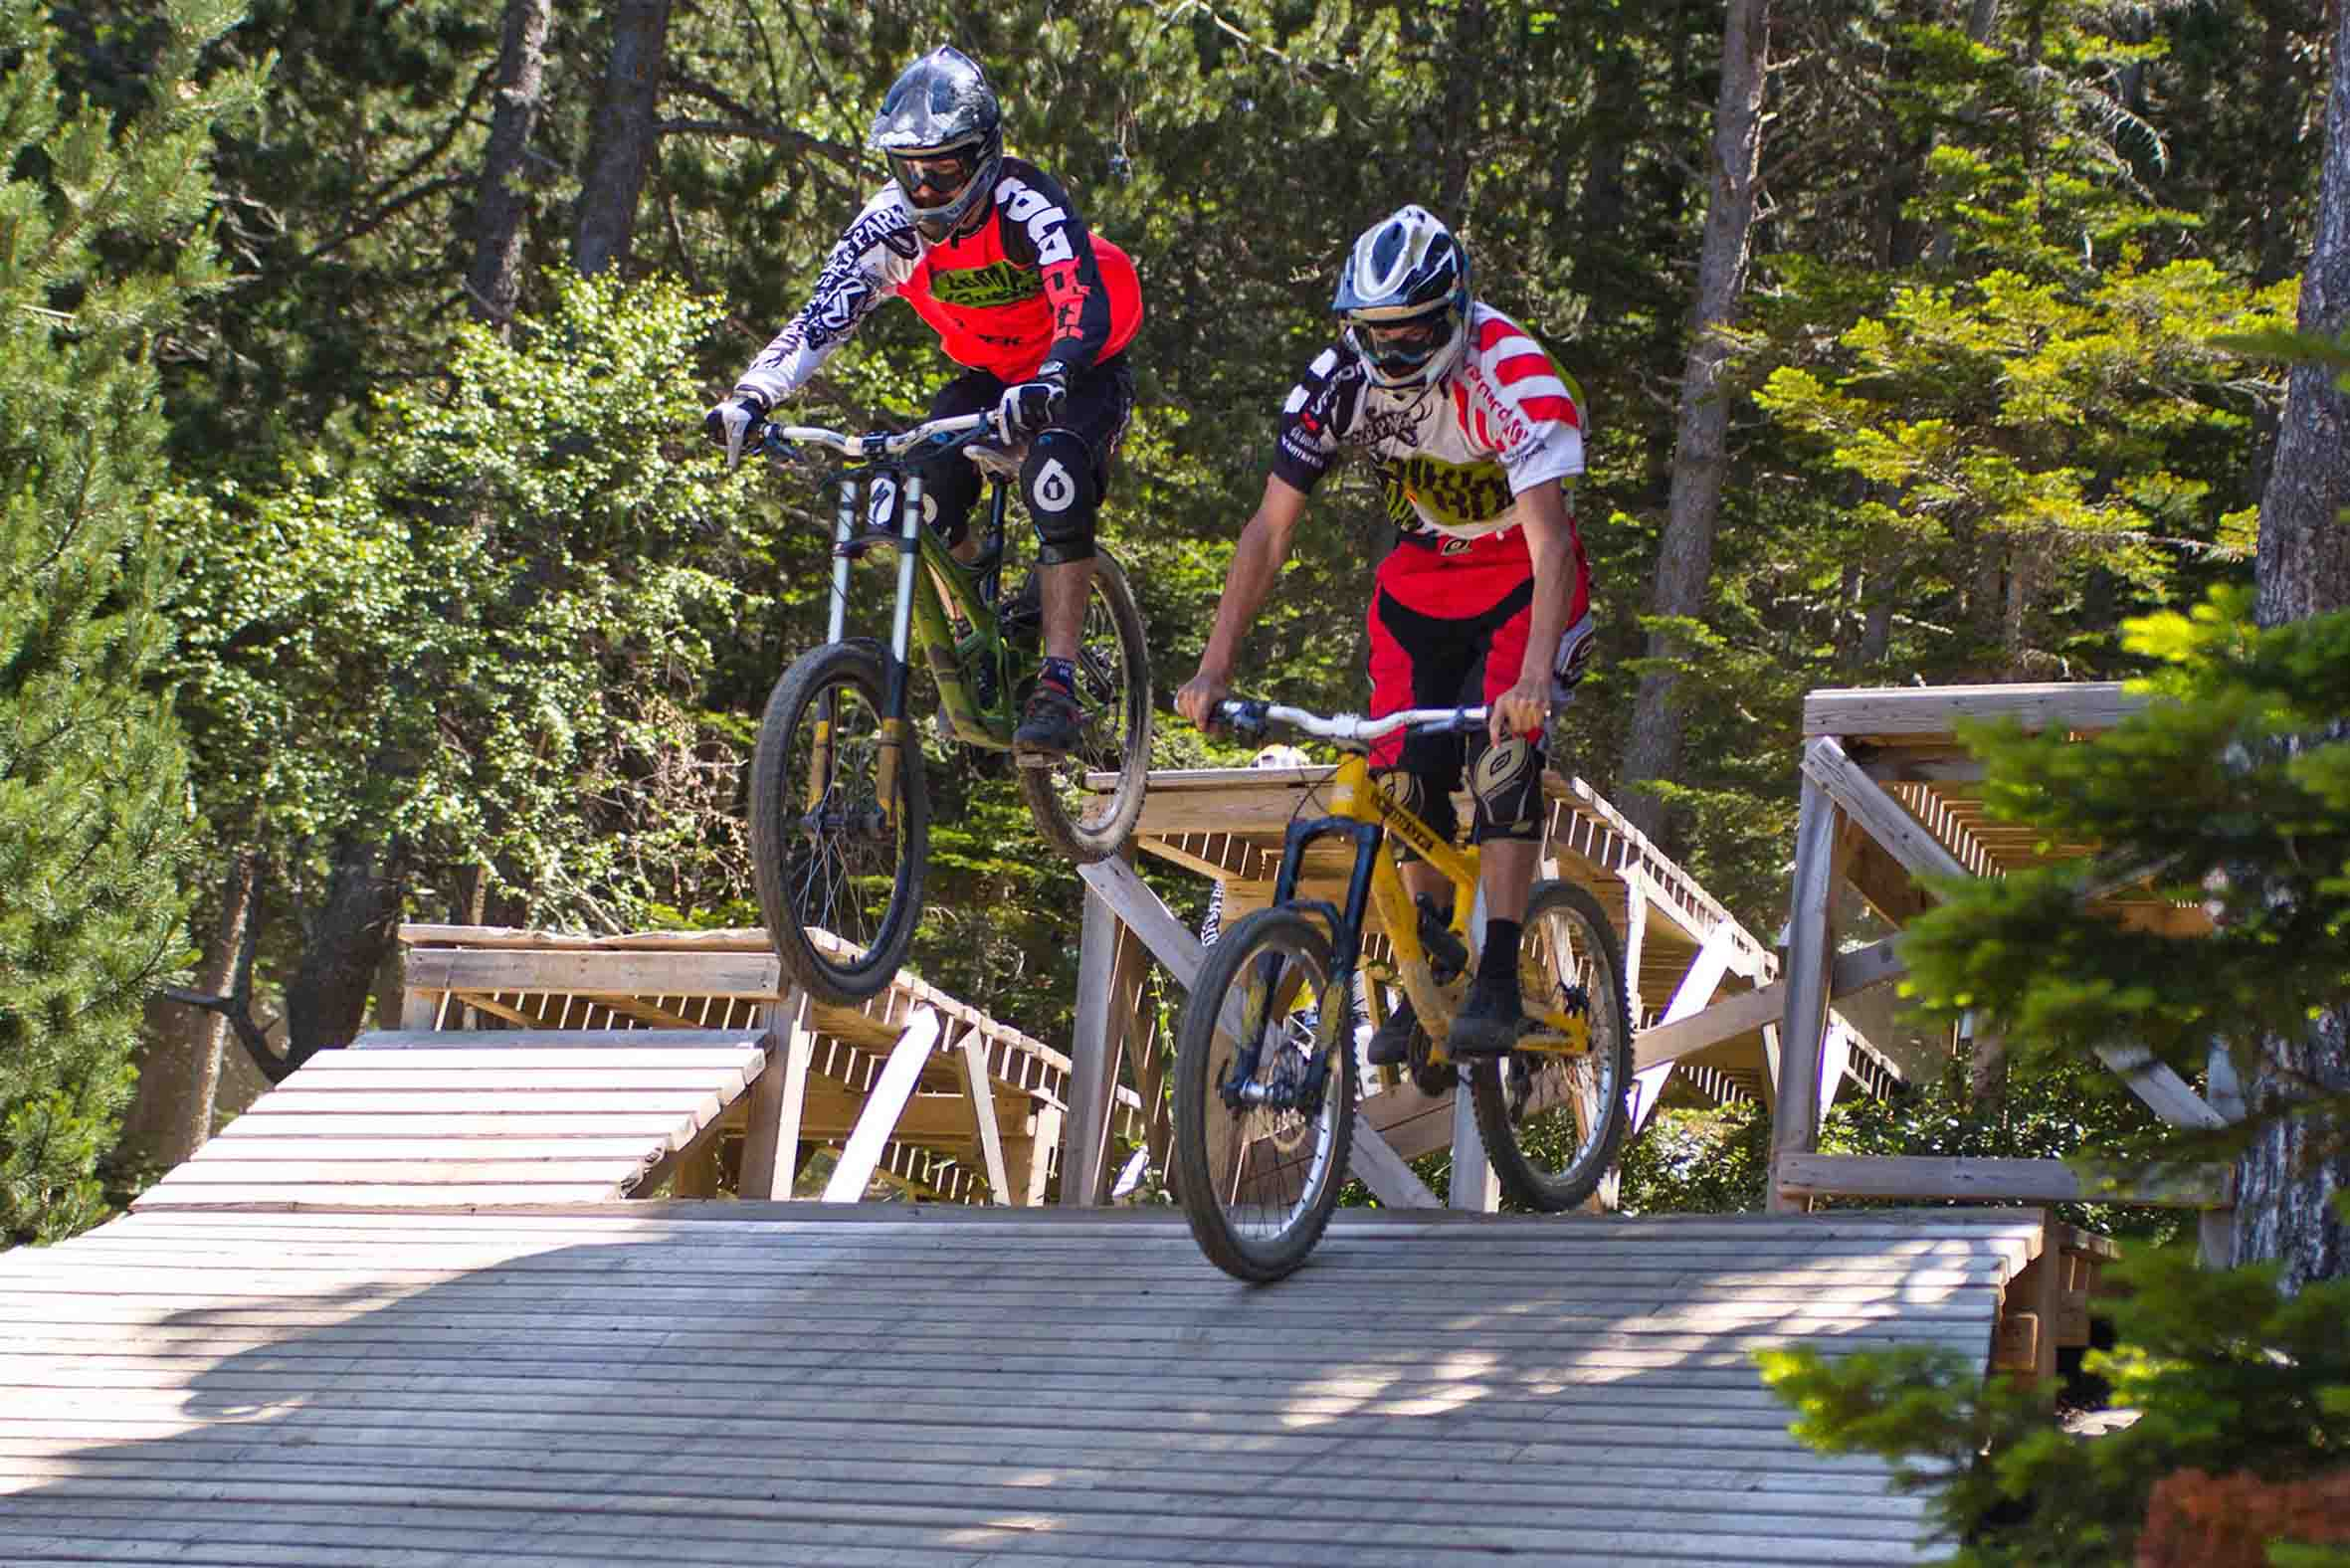 Vallnord Bike Park La Massana (Andorra) abrirá sus instalaciones el 14 de junio con la Maxiavalanche.(Copyright/Valllnord)